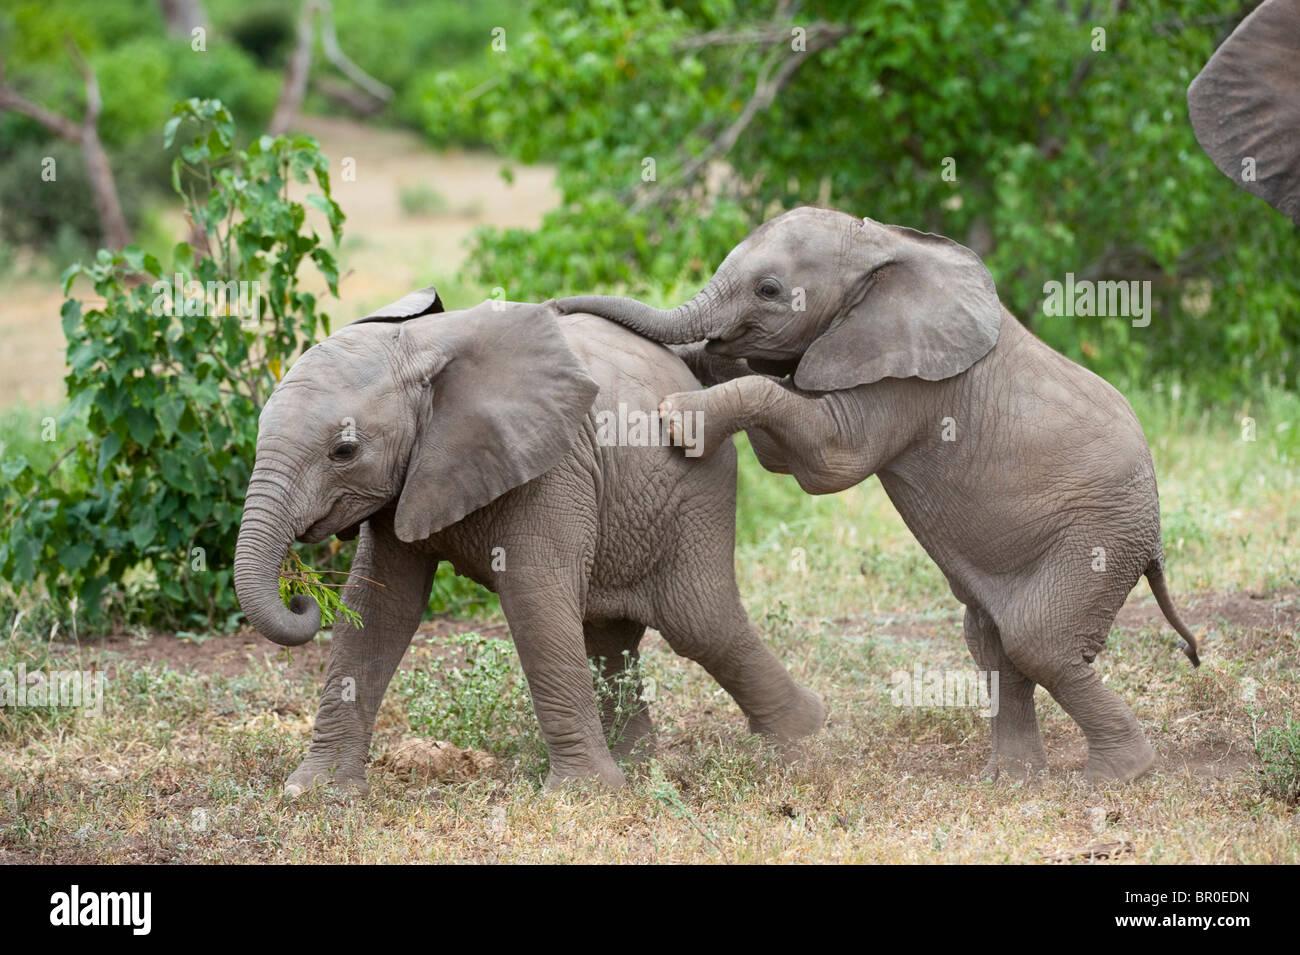 Baby African elephants playing ( Loxodonta africana africana), Mashatu Game Reserve, tuli block, Botswana - Stock Image